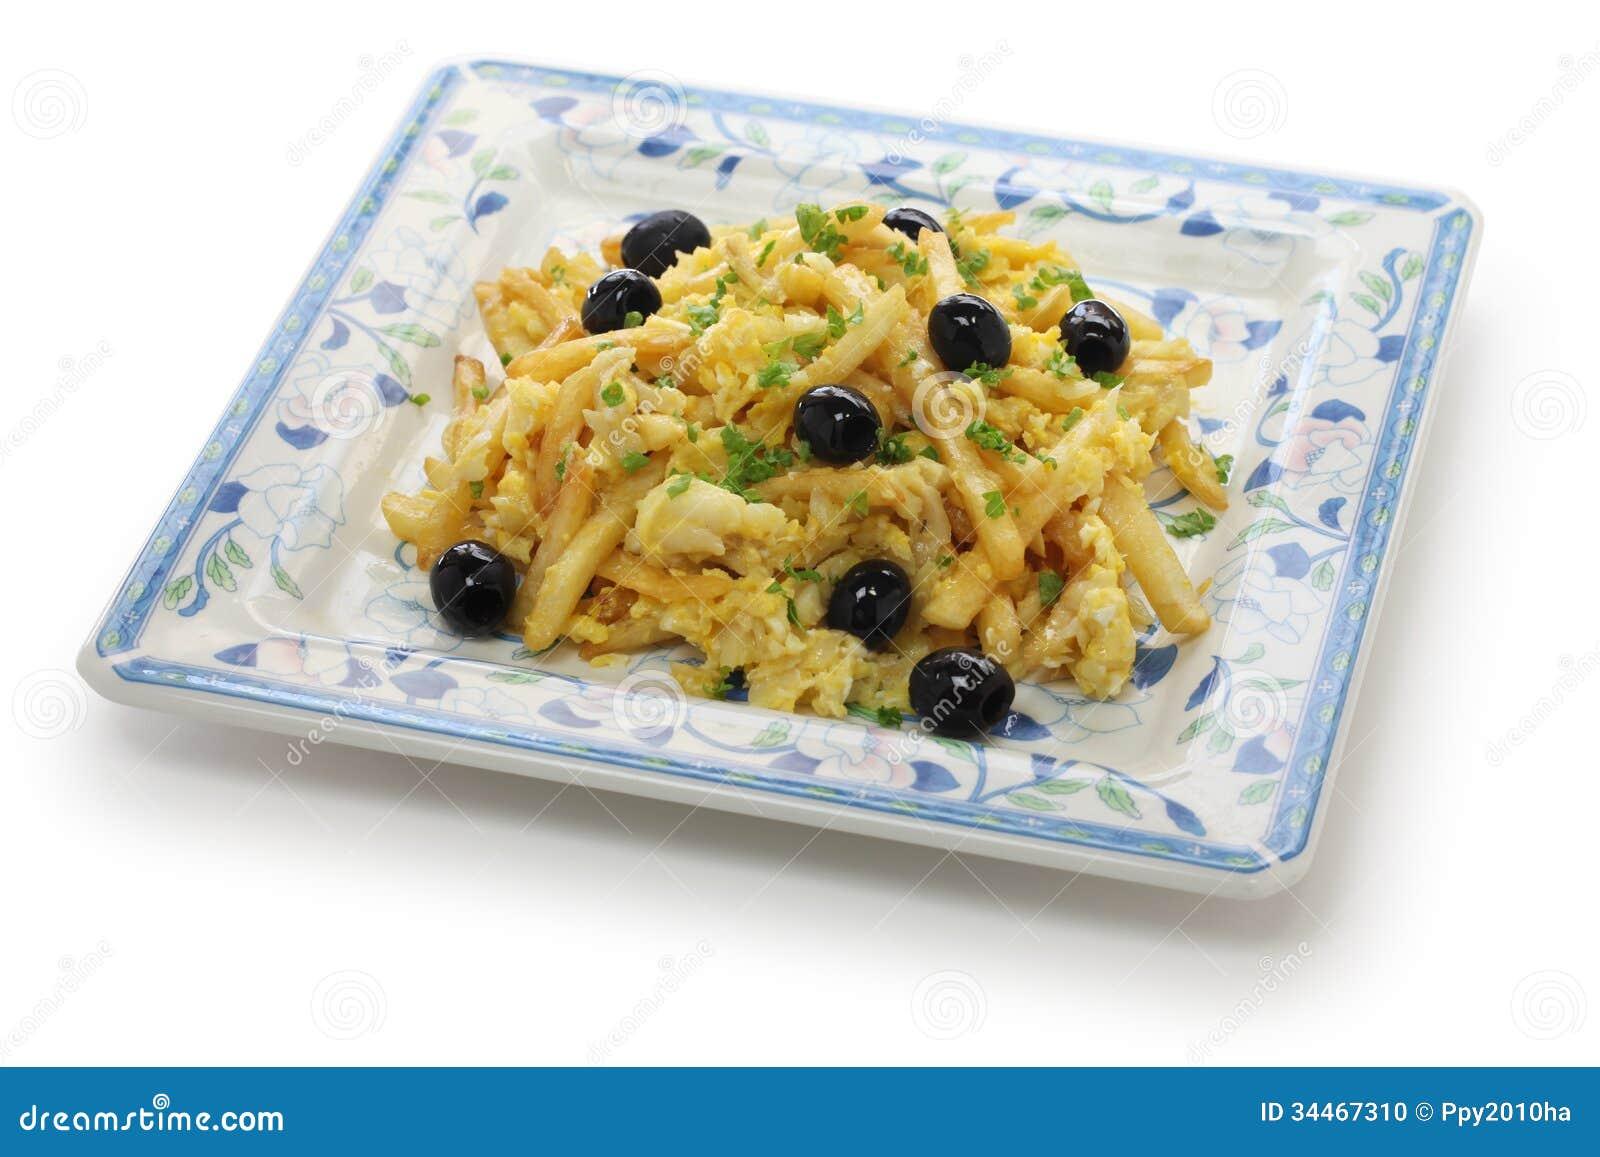 Bacalhau A Bras, Portuguese Cuisine Stock Photo - Image ...